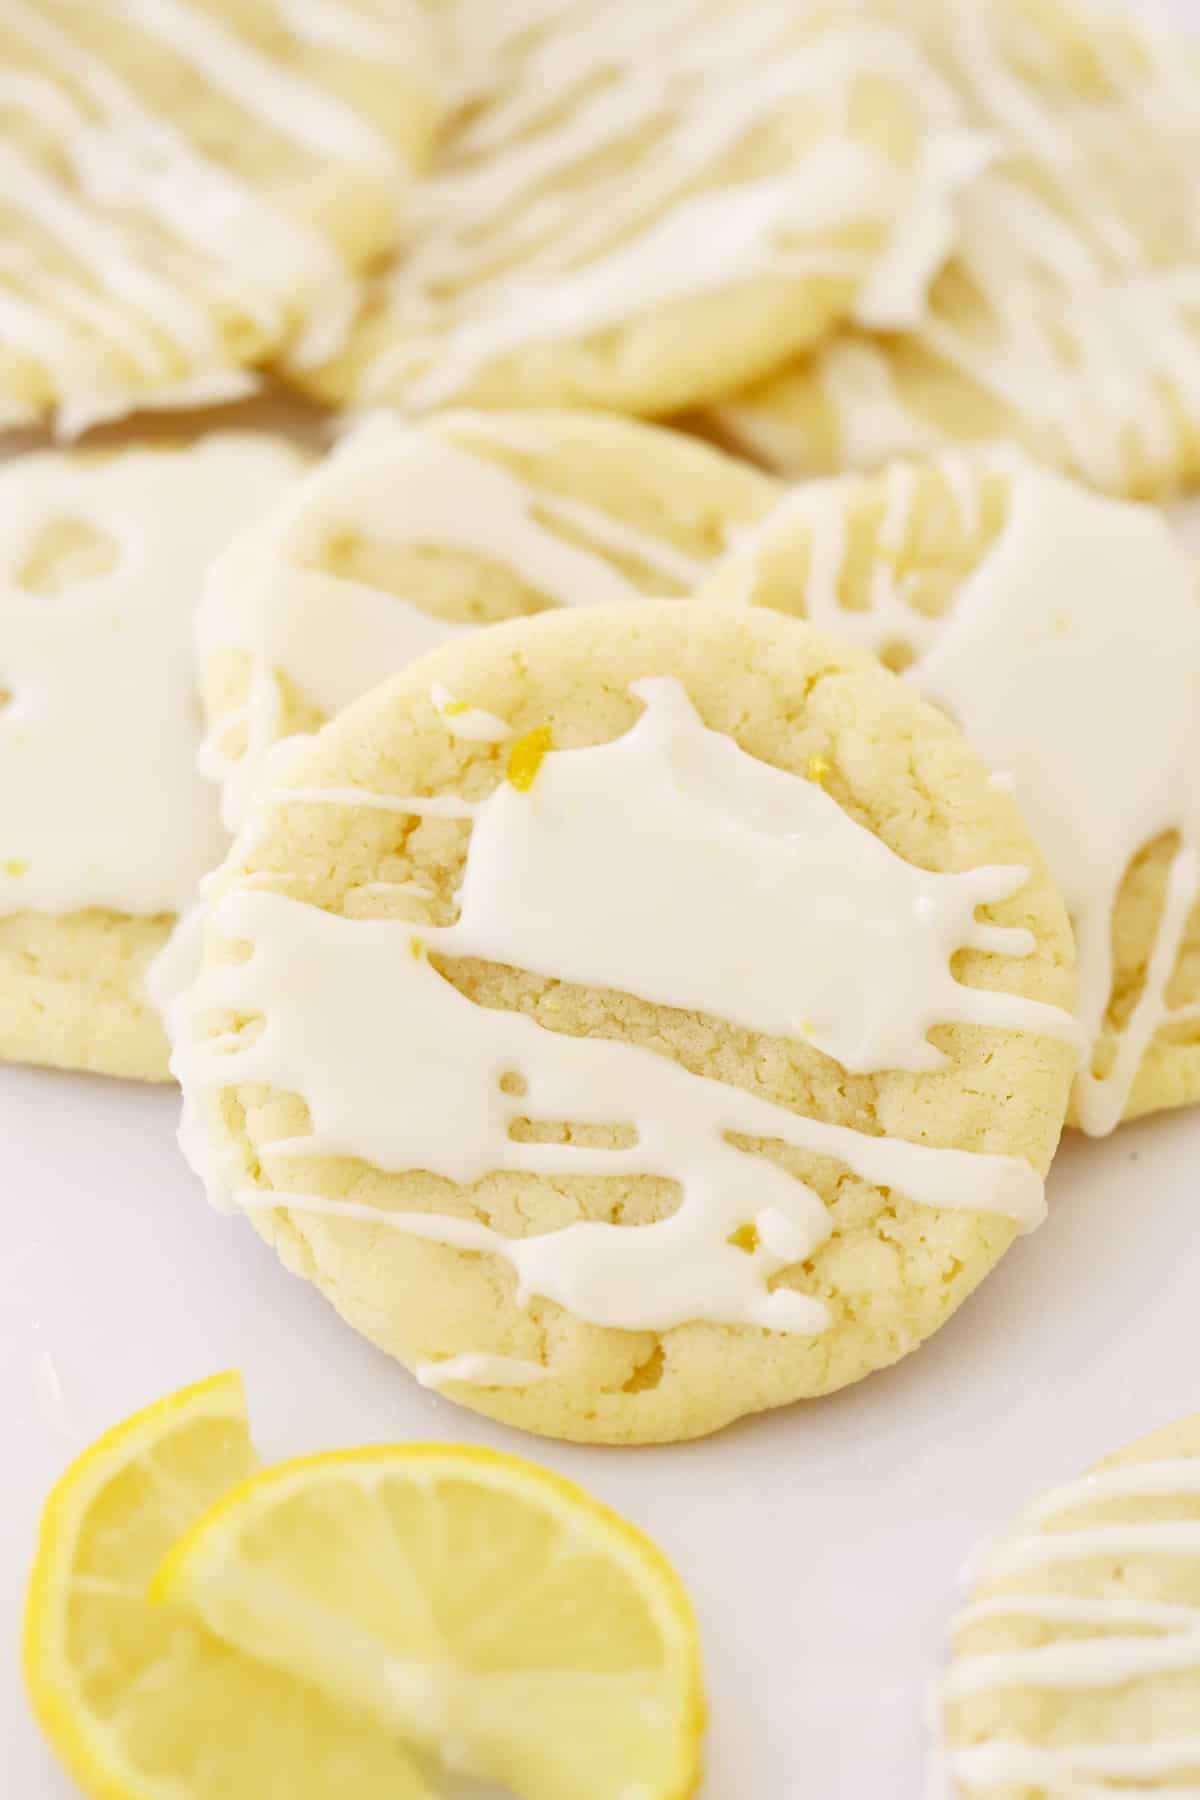 glazed lemon cookies on parchment paper